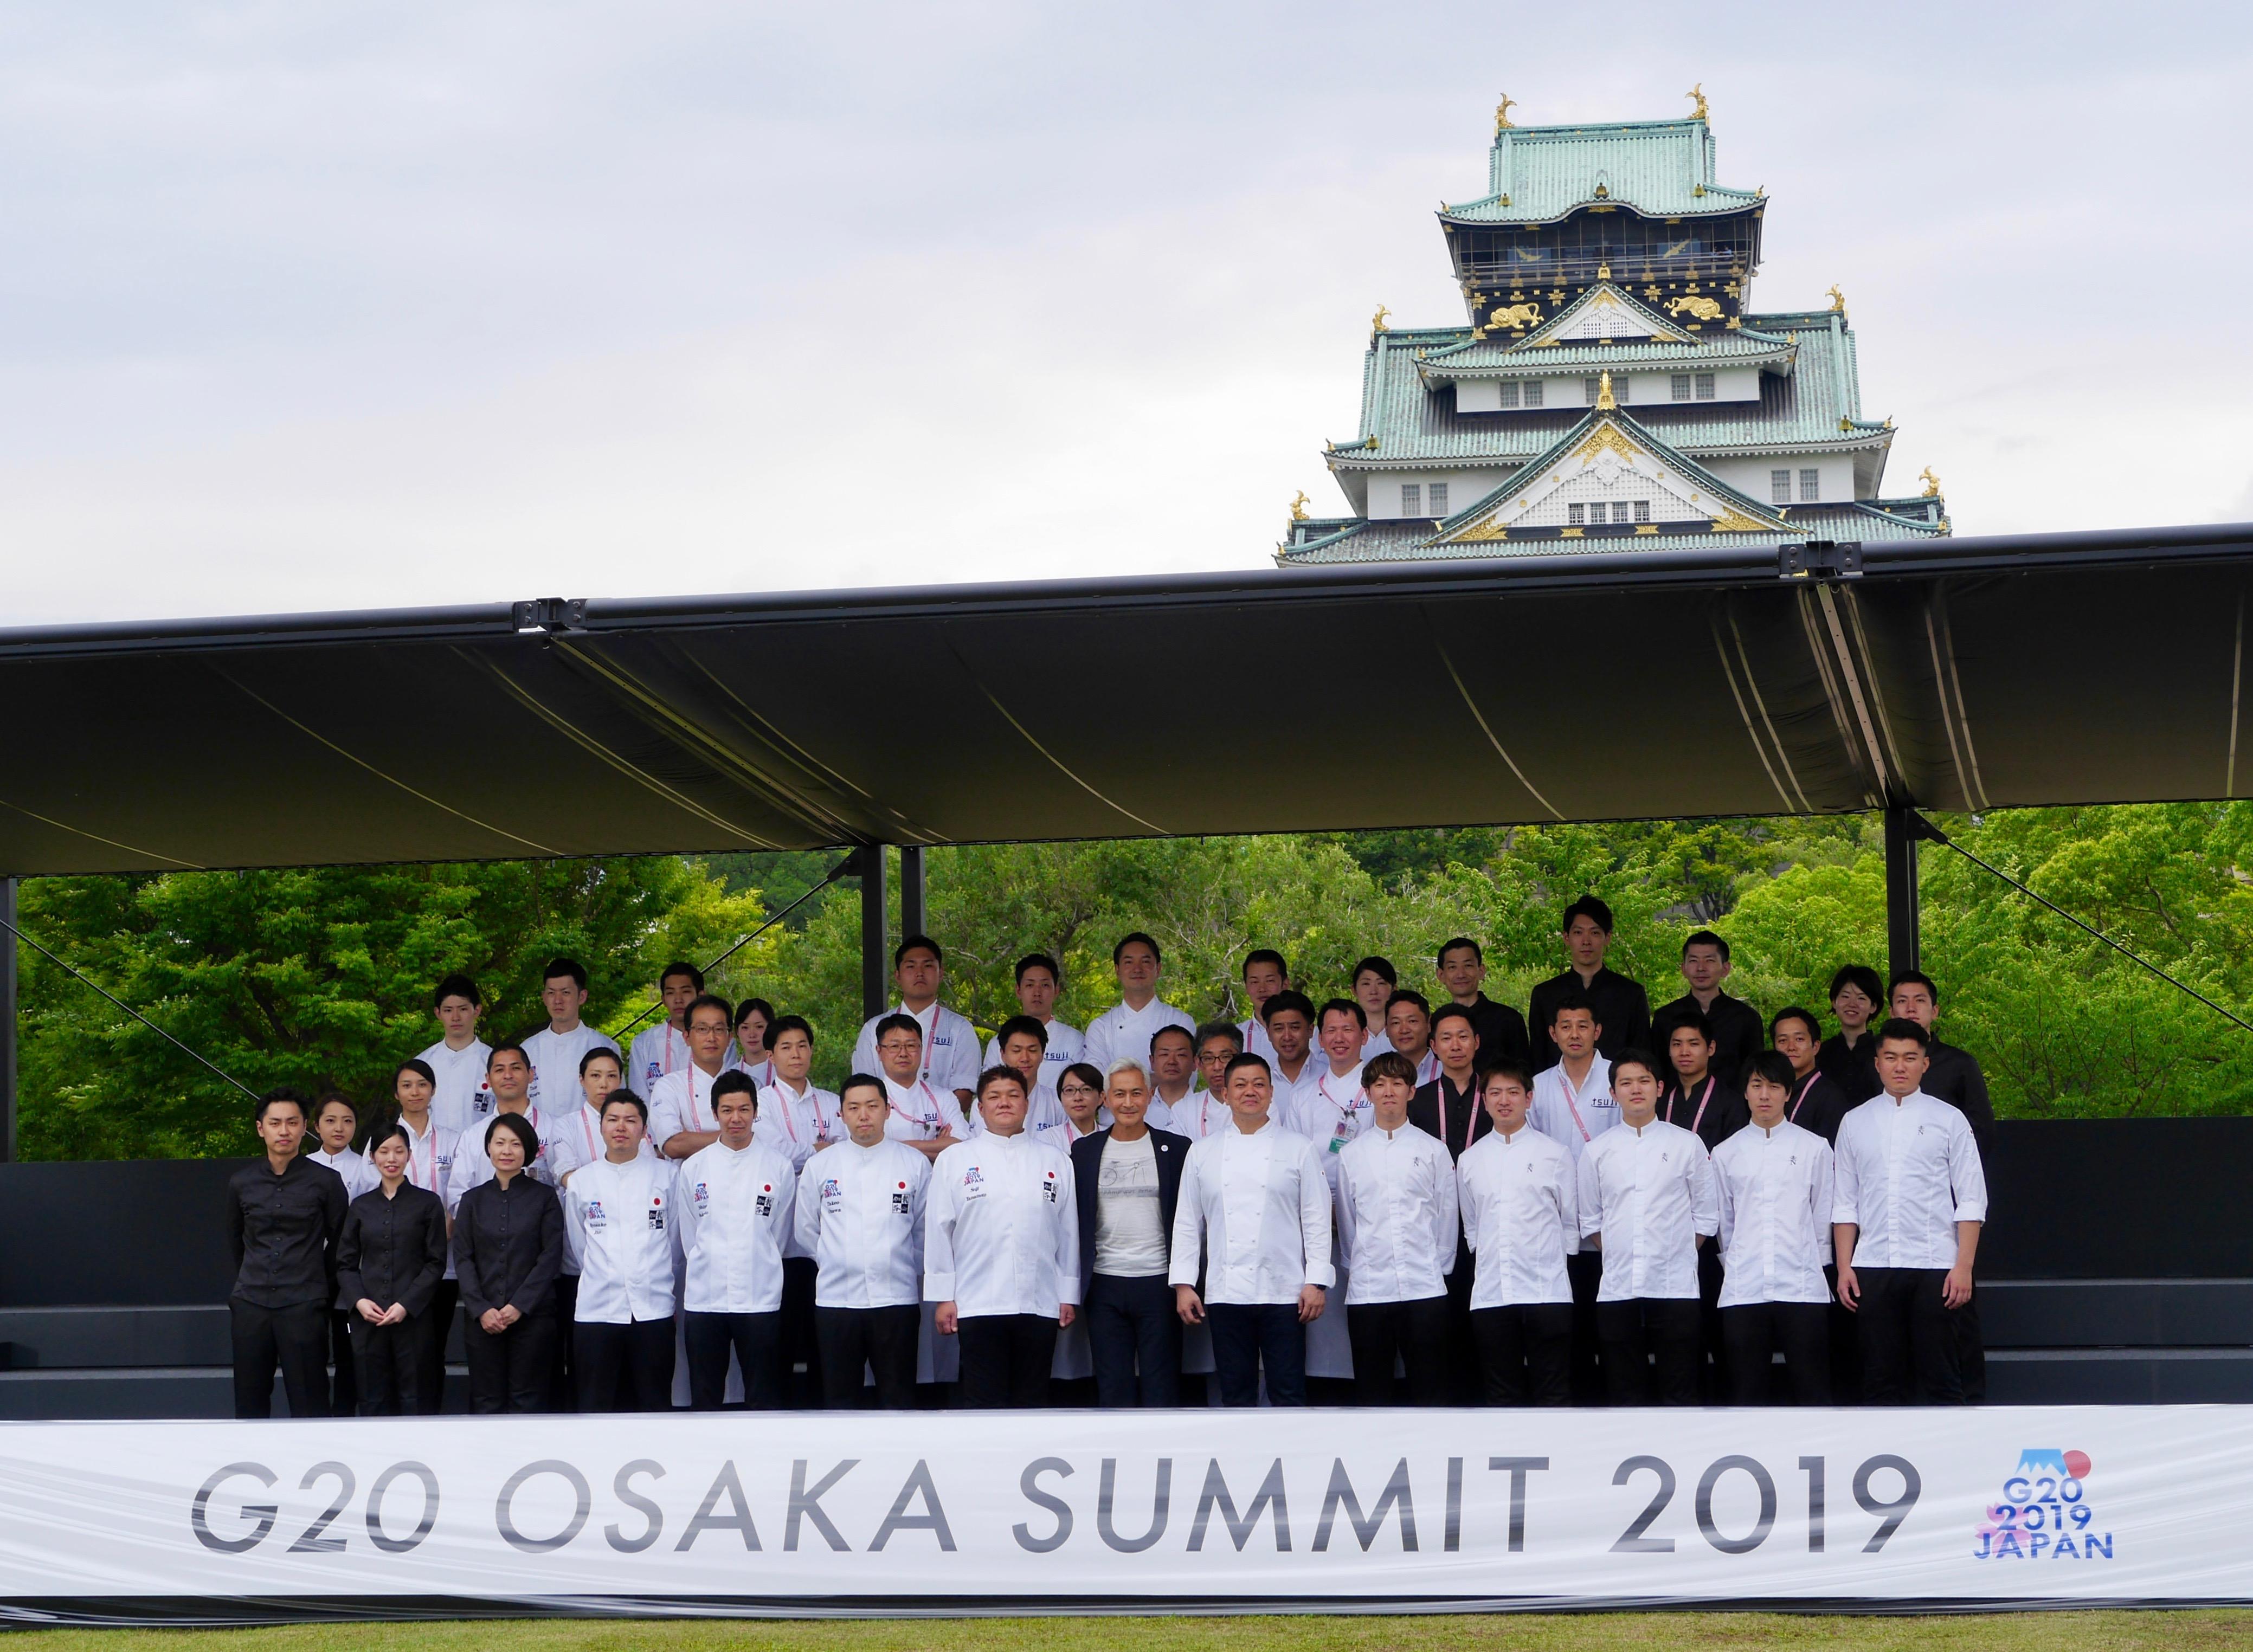 G20大阪サミット首脳夕食会で辻調グループが料理監修・調理協力/代表 辻芳樹コメント